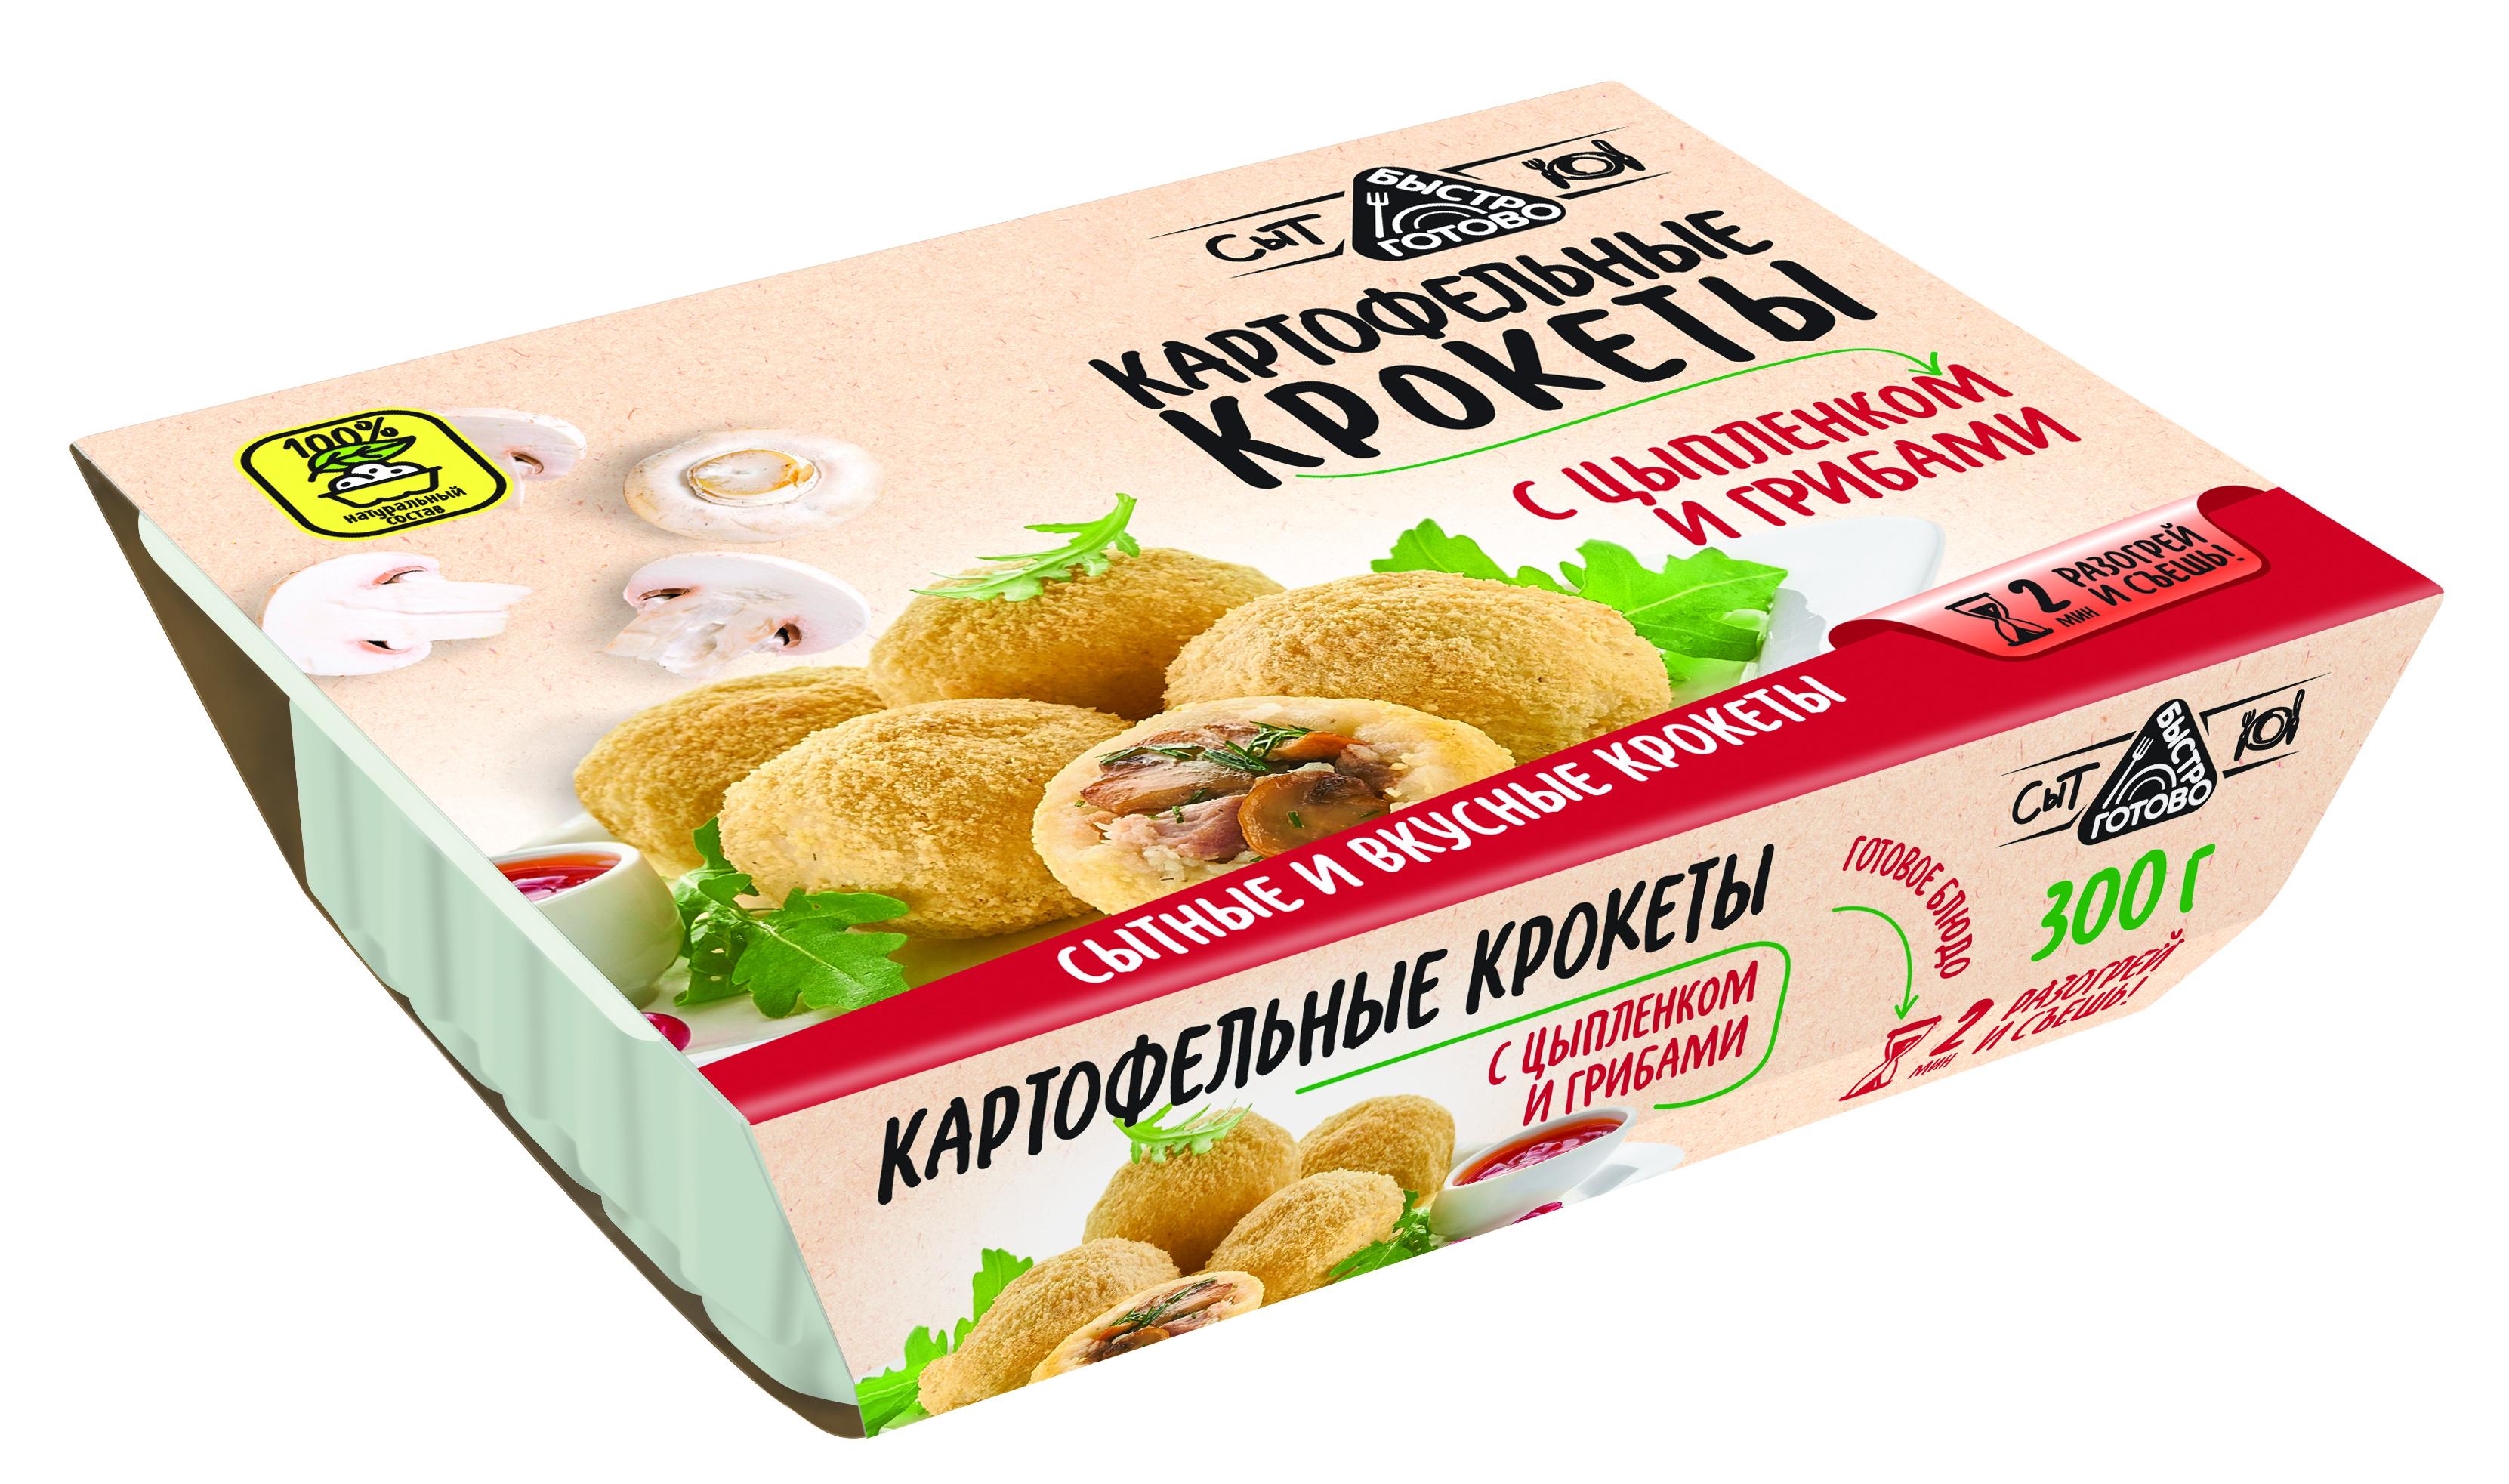 Картофельные крокеты с цыпленком и грибами